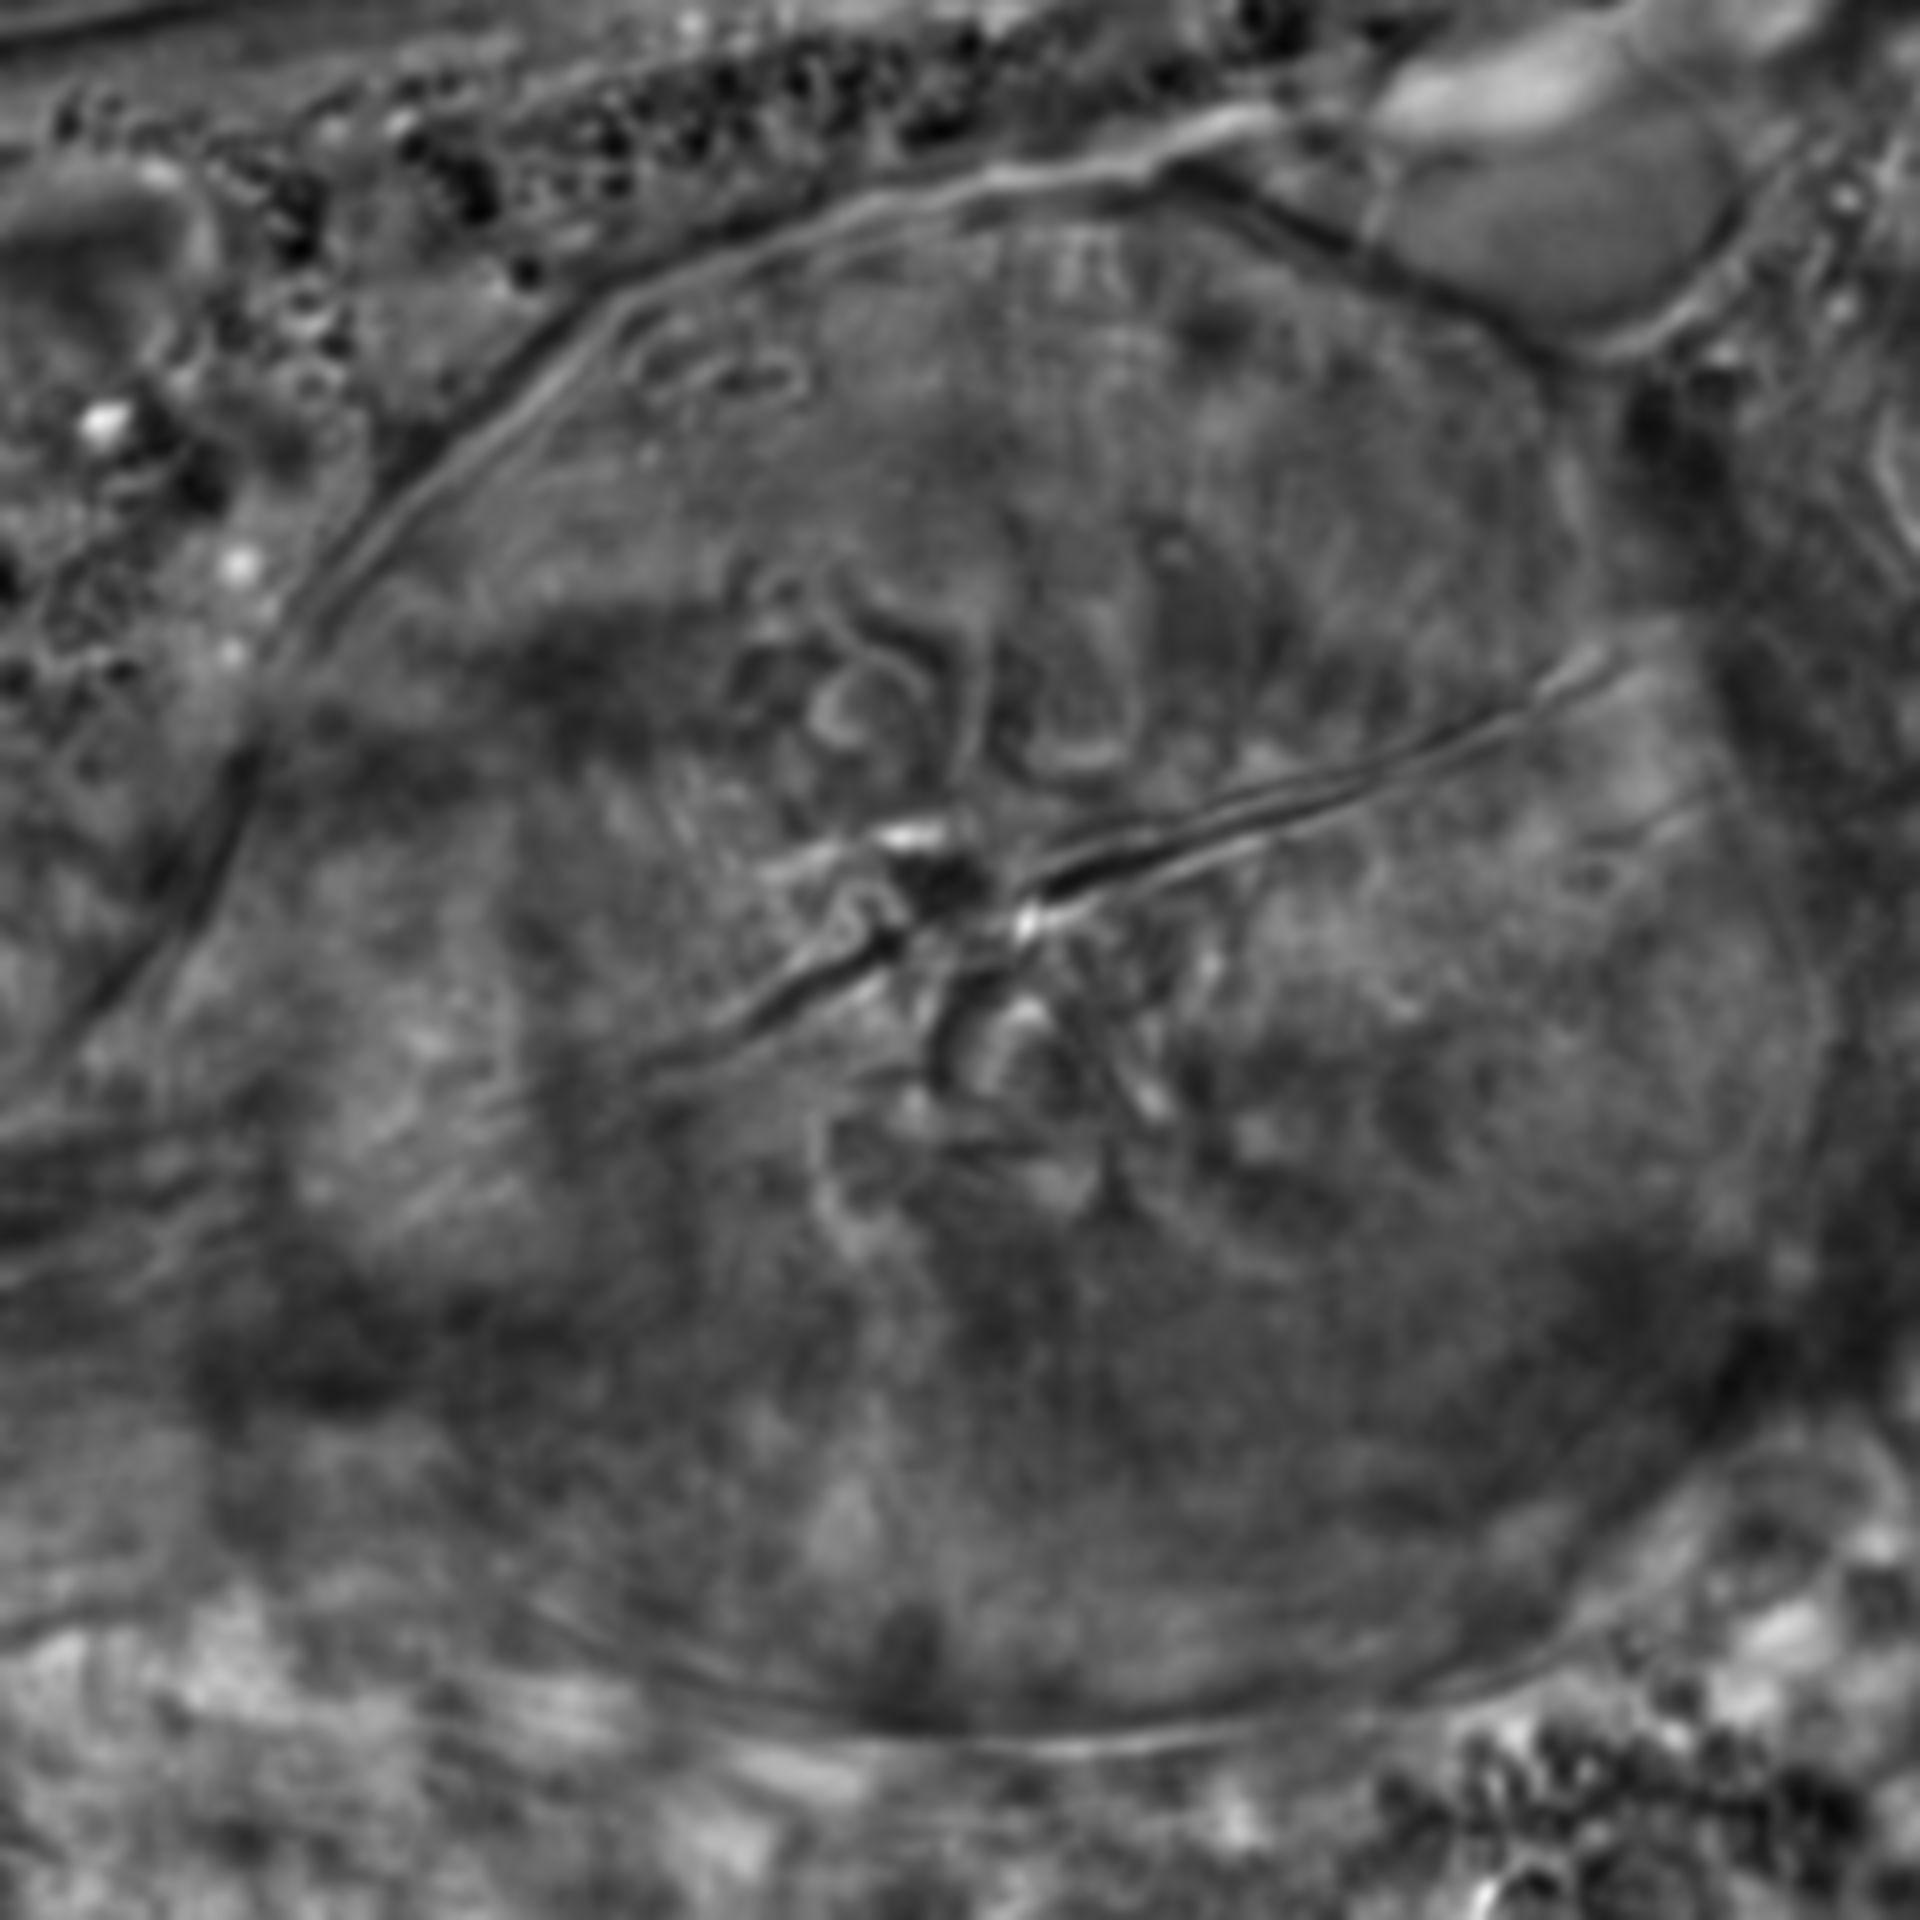 Caenorhabditis elegans - CIL:2756